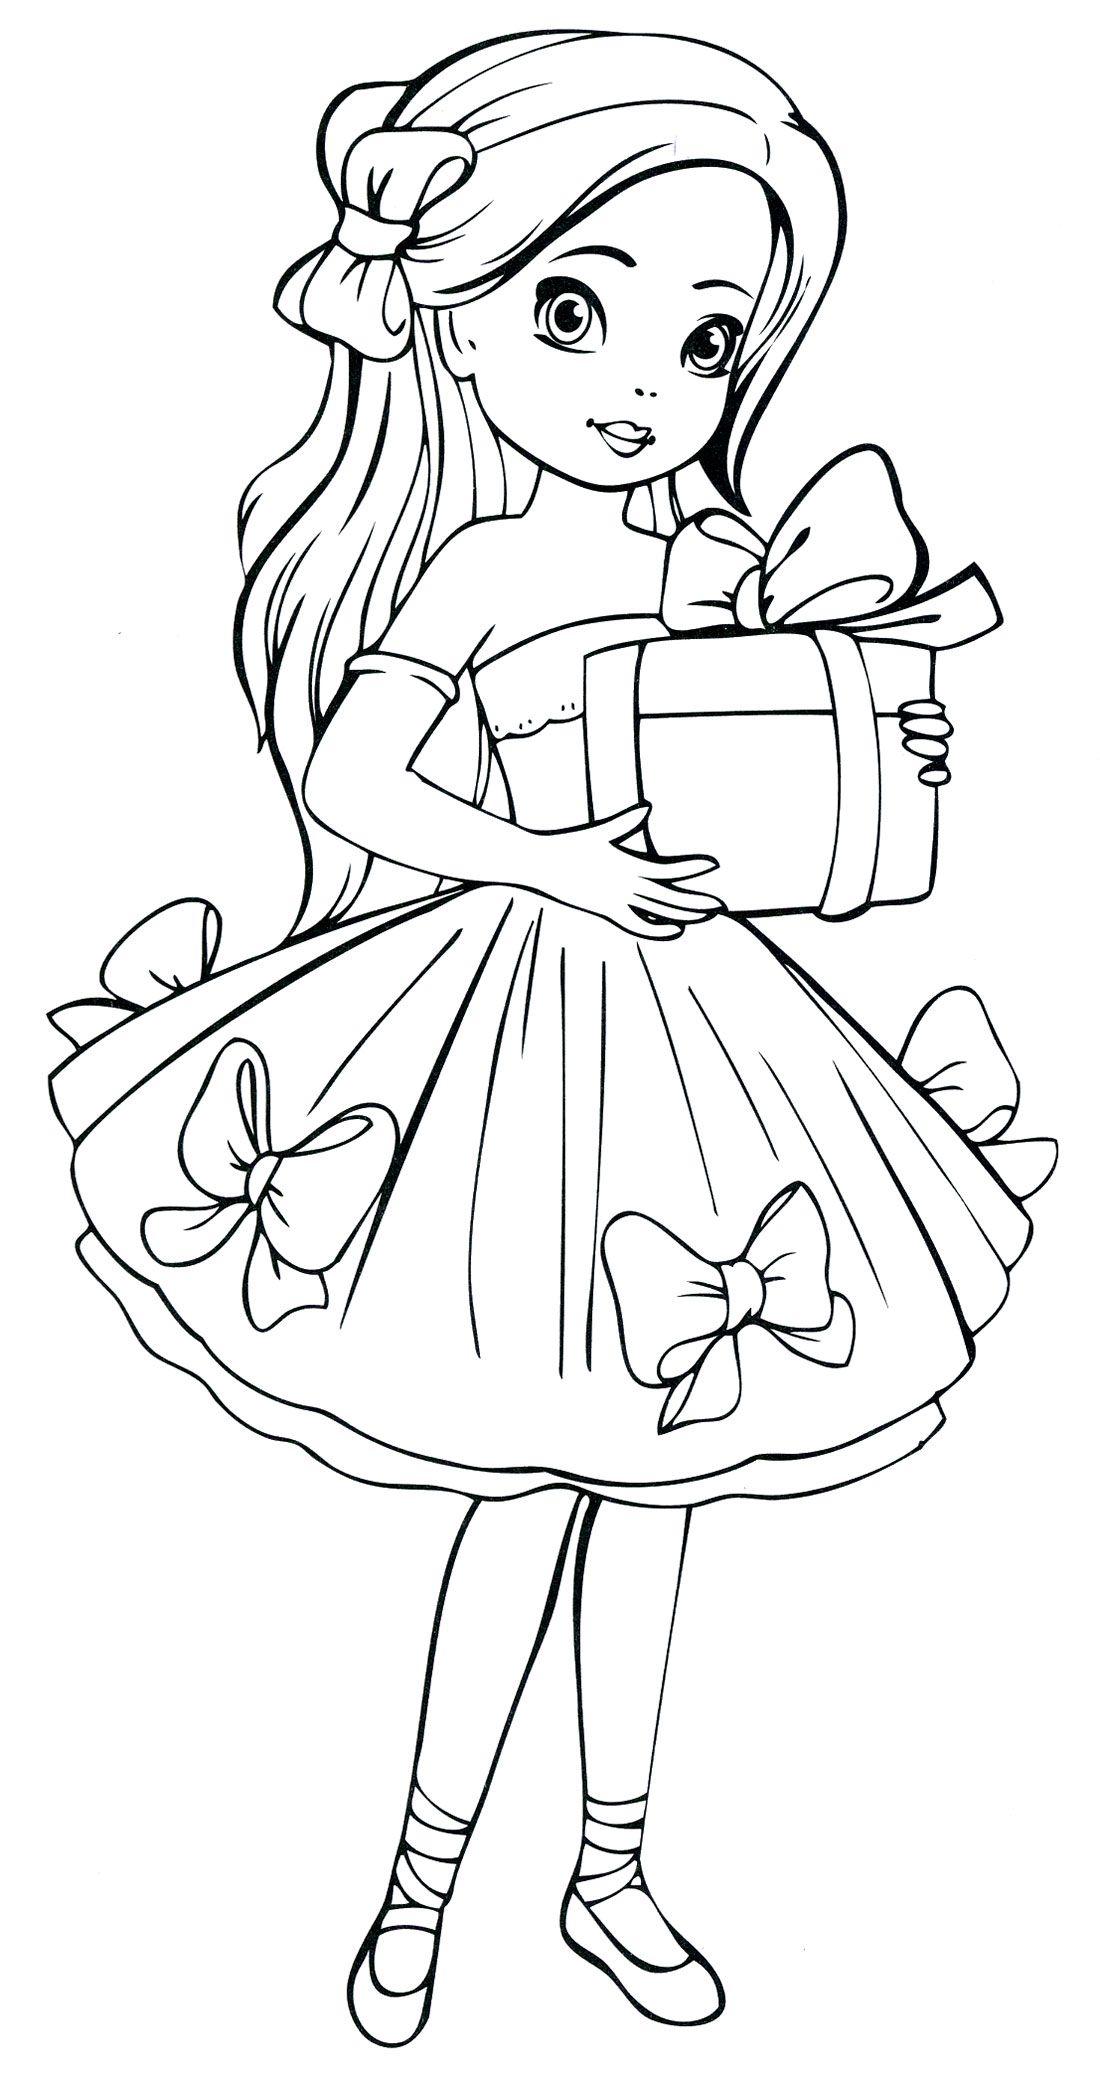 Картинки для разрисовки для девочек